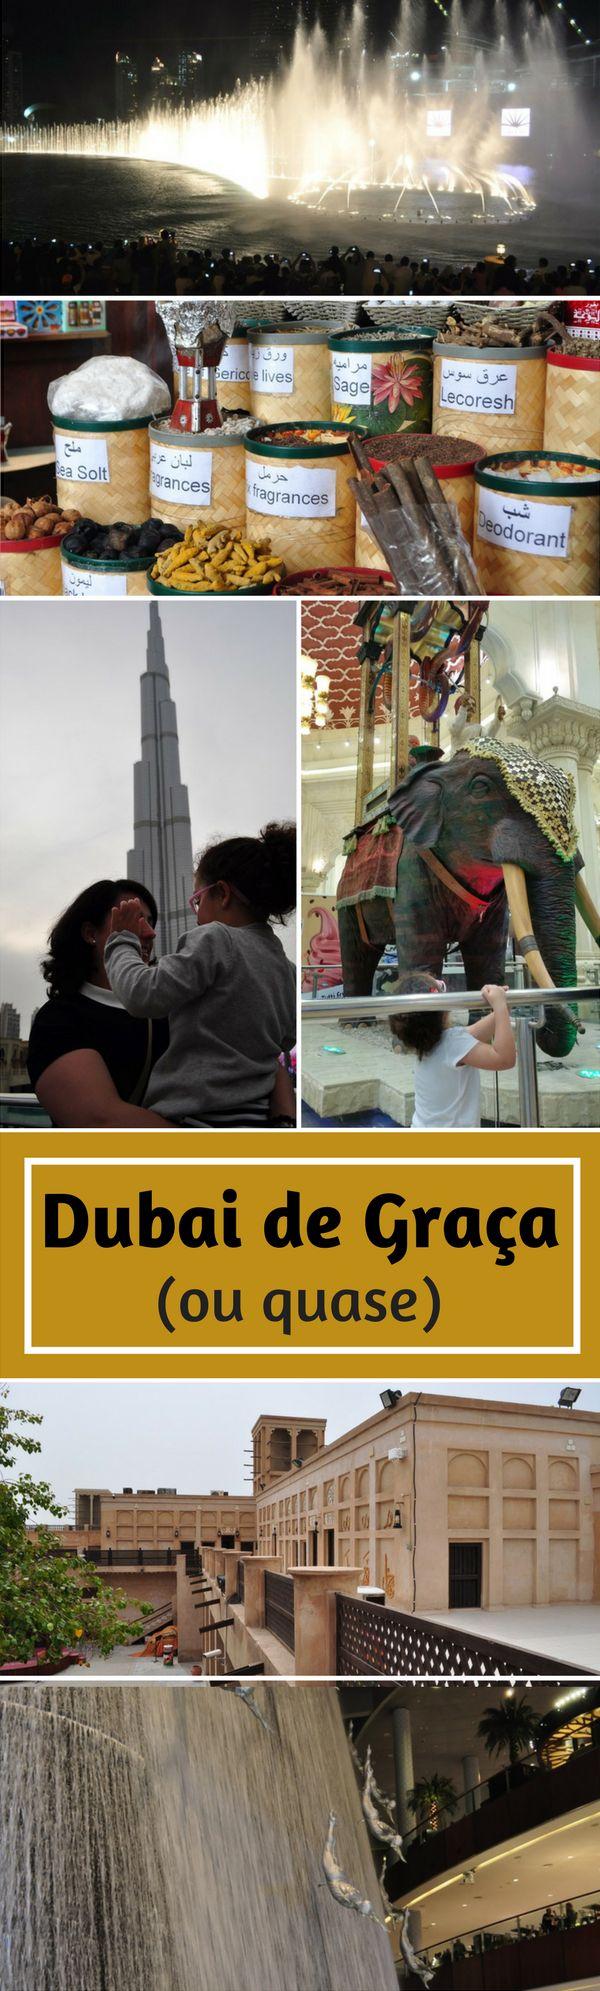 Quer aproveitar sua viagem para Dubai de graça (ou quase). Nós listamos as atrações que irão ajudar a economizar em seu roteiro.